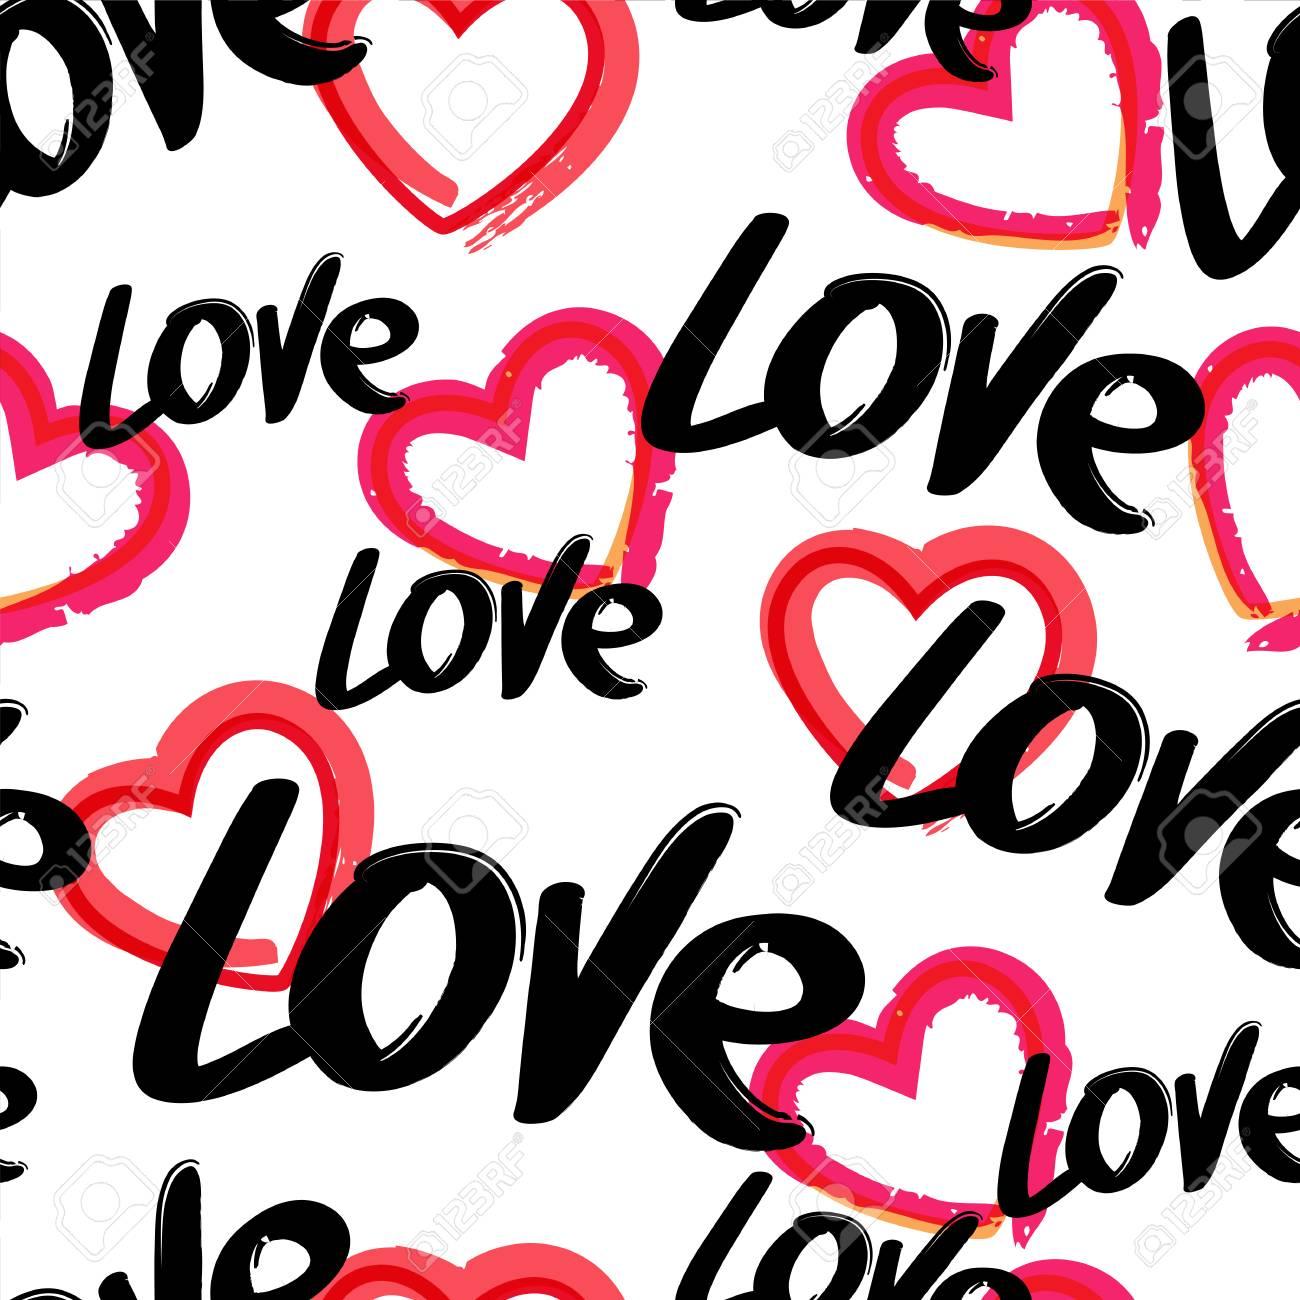 Vektor Nahtlose Muster Mit Handgezeichneten Wort Liebe Und Roten ...